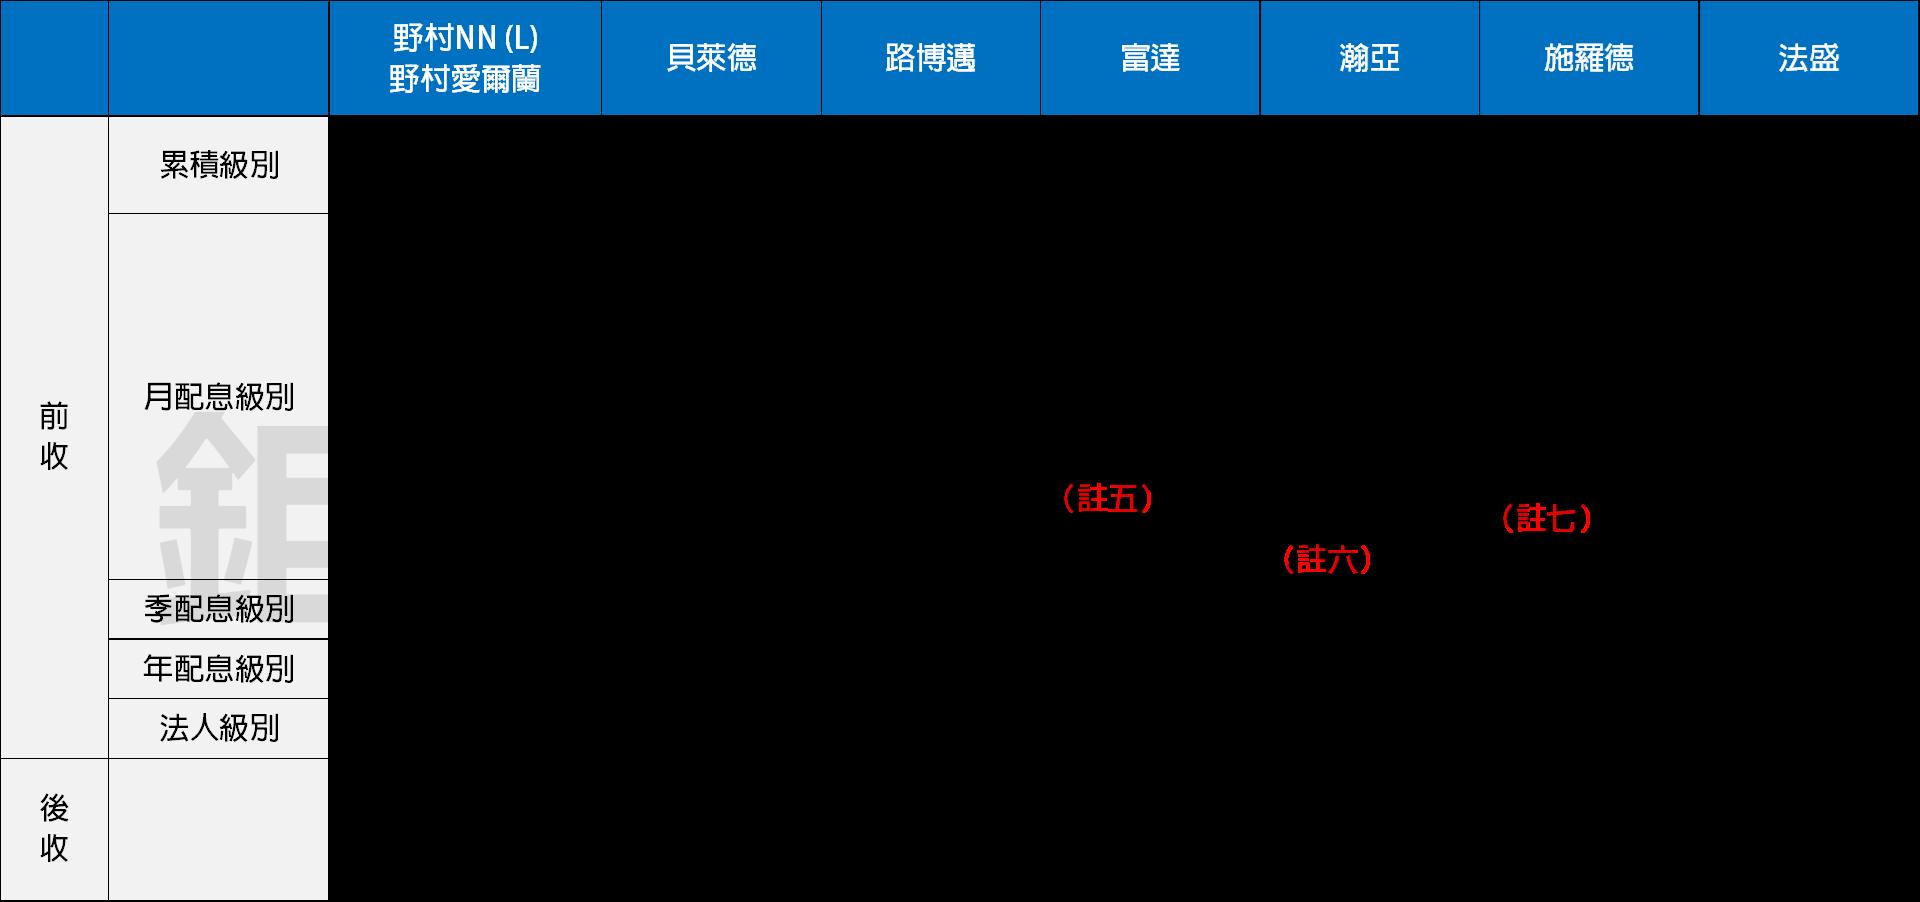 境外基金股份類別整理表(二)